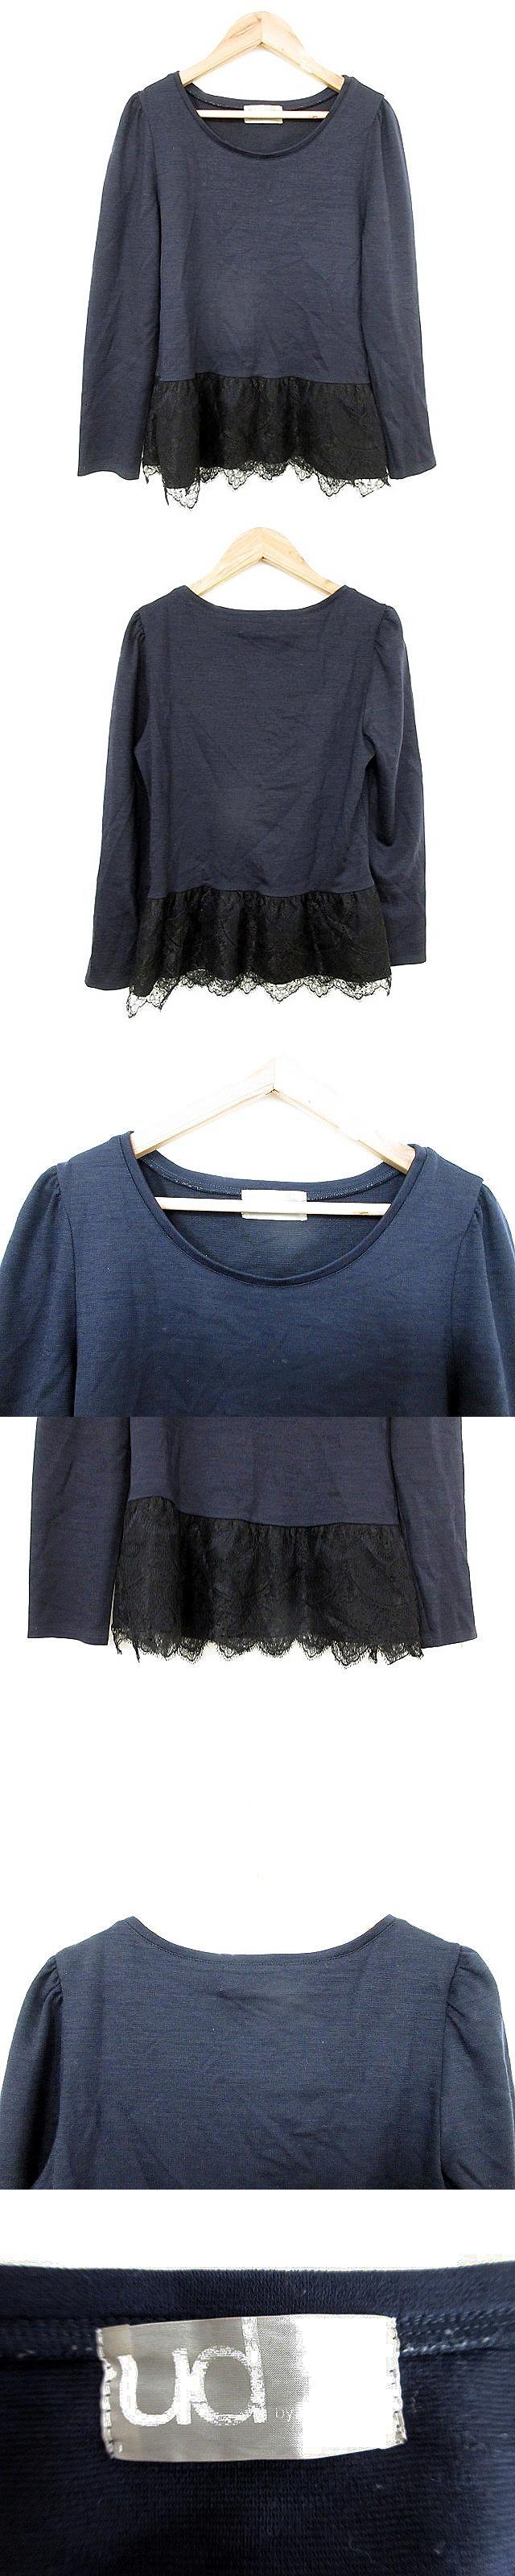 ユーディーバイノーリーズソフィー ud by nolley's sophi  Tシャツ カットソー 長袖 レース 38 紺 ネイビー /AKK